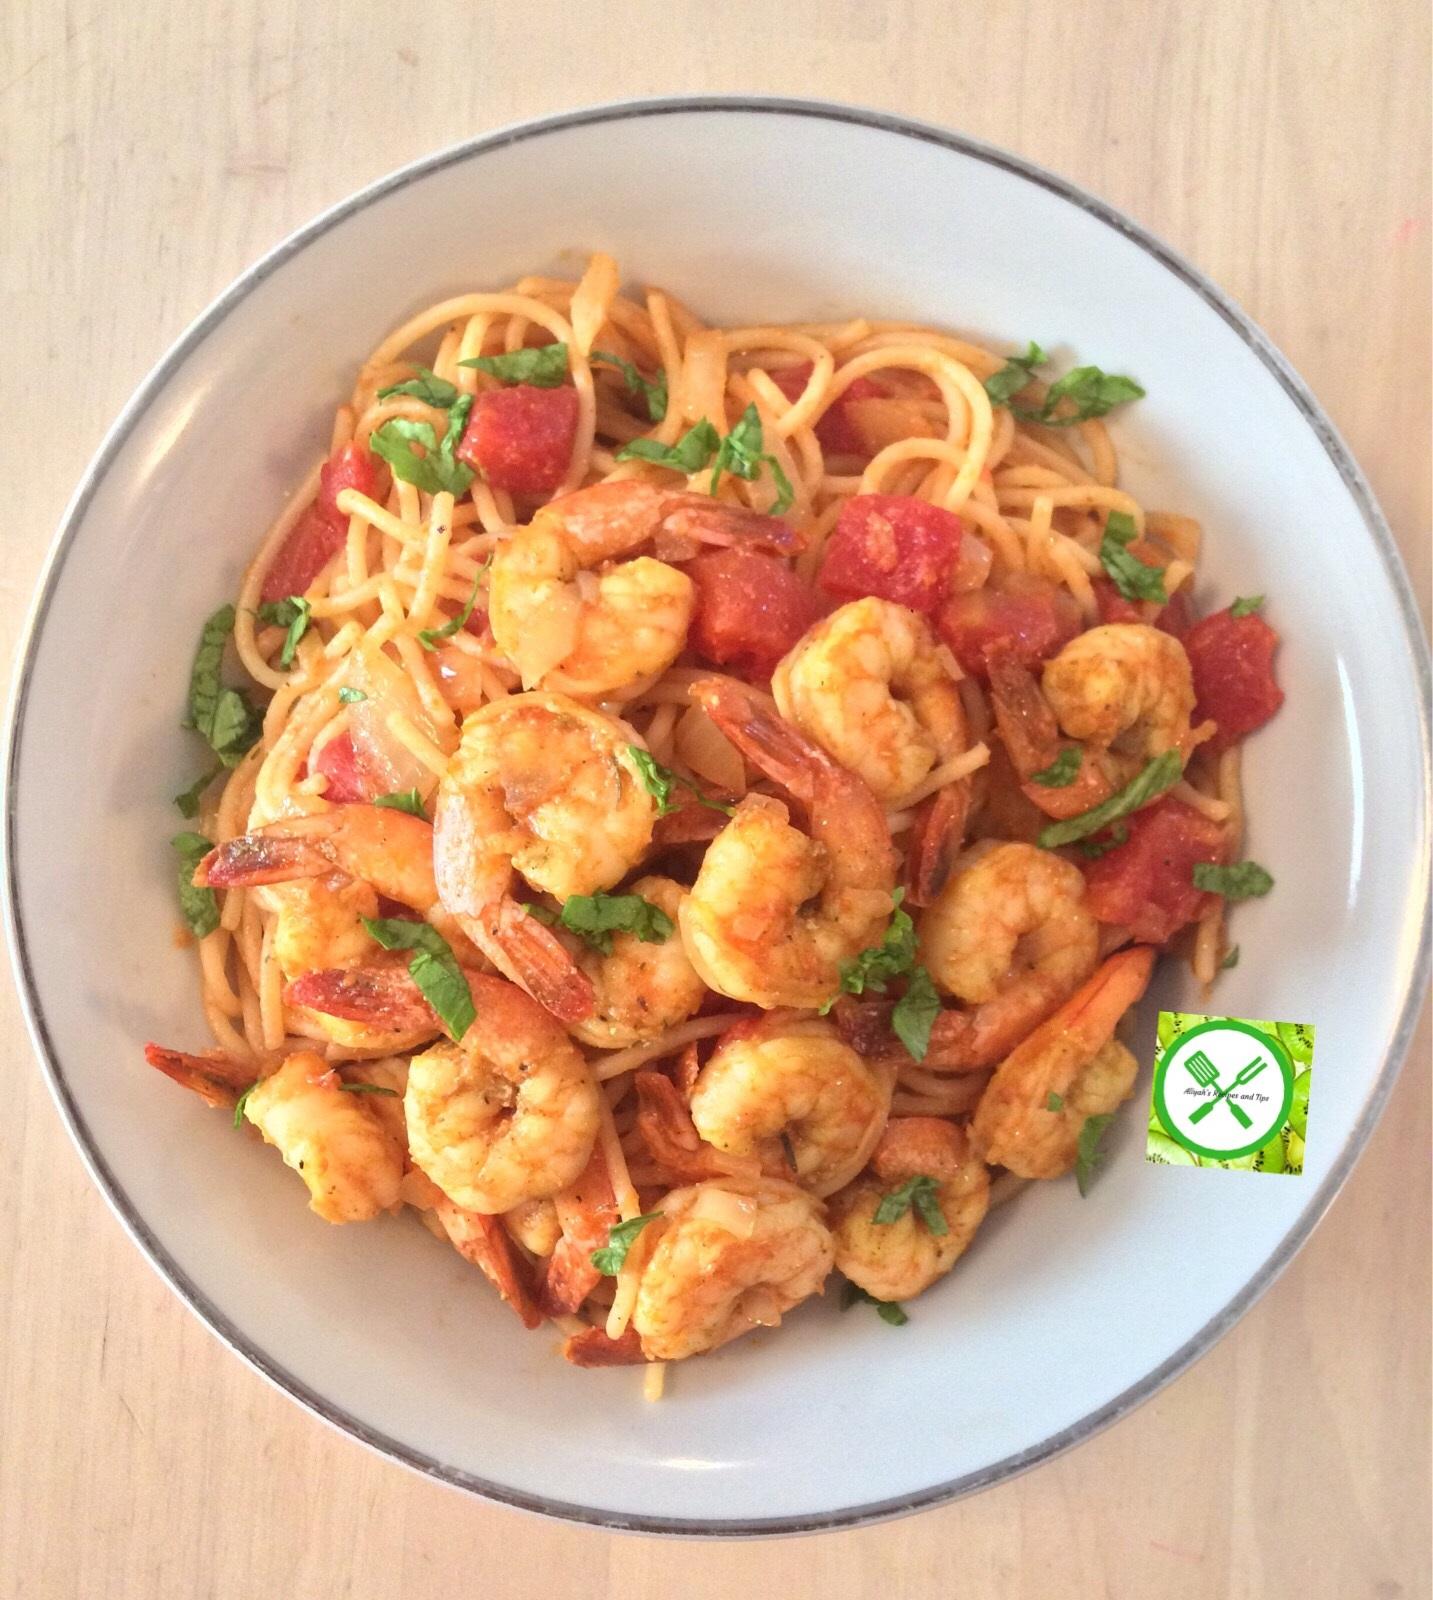 Shrimps scampi served